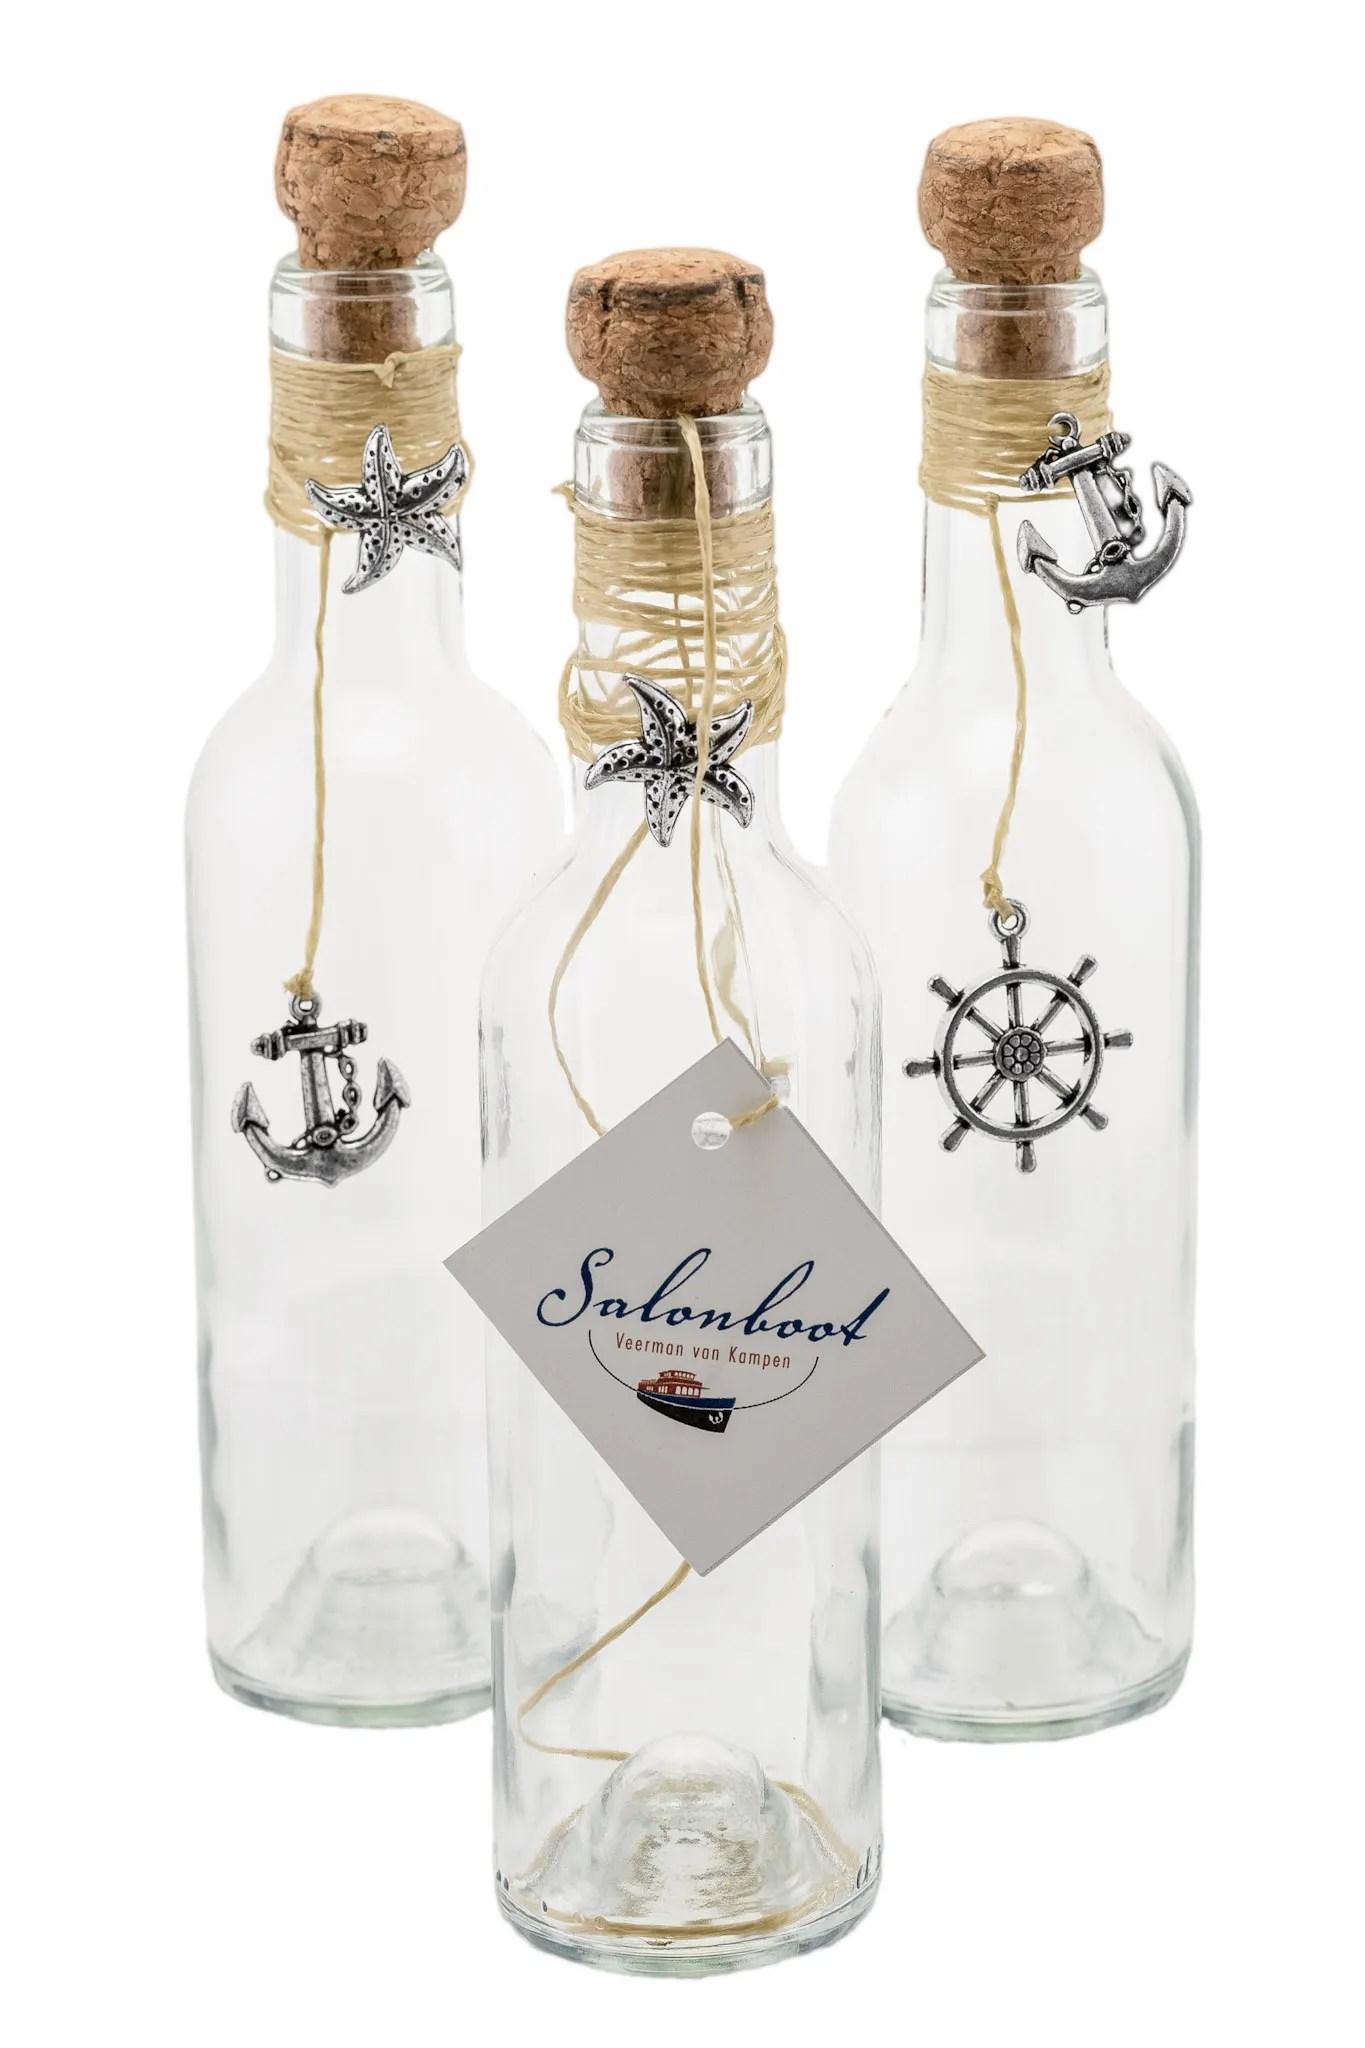 3 gedecoreerde flessen als kadoverpakking voor een waardebon van de Veerman van Kampen